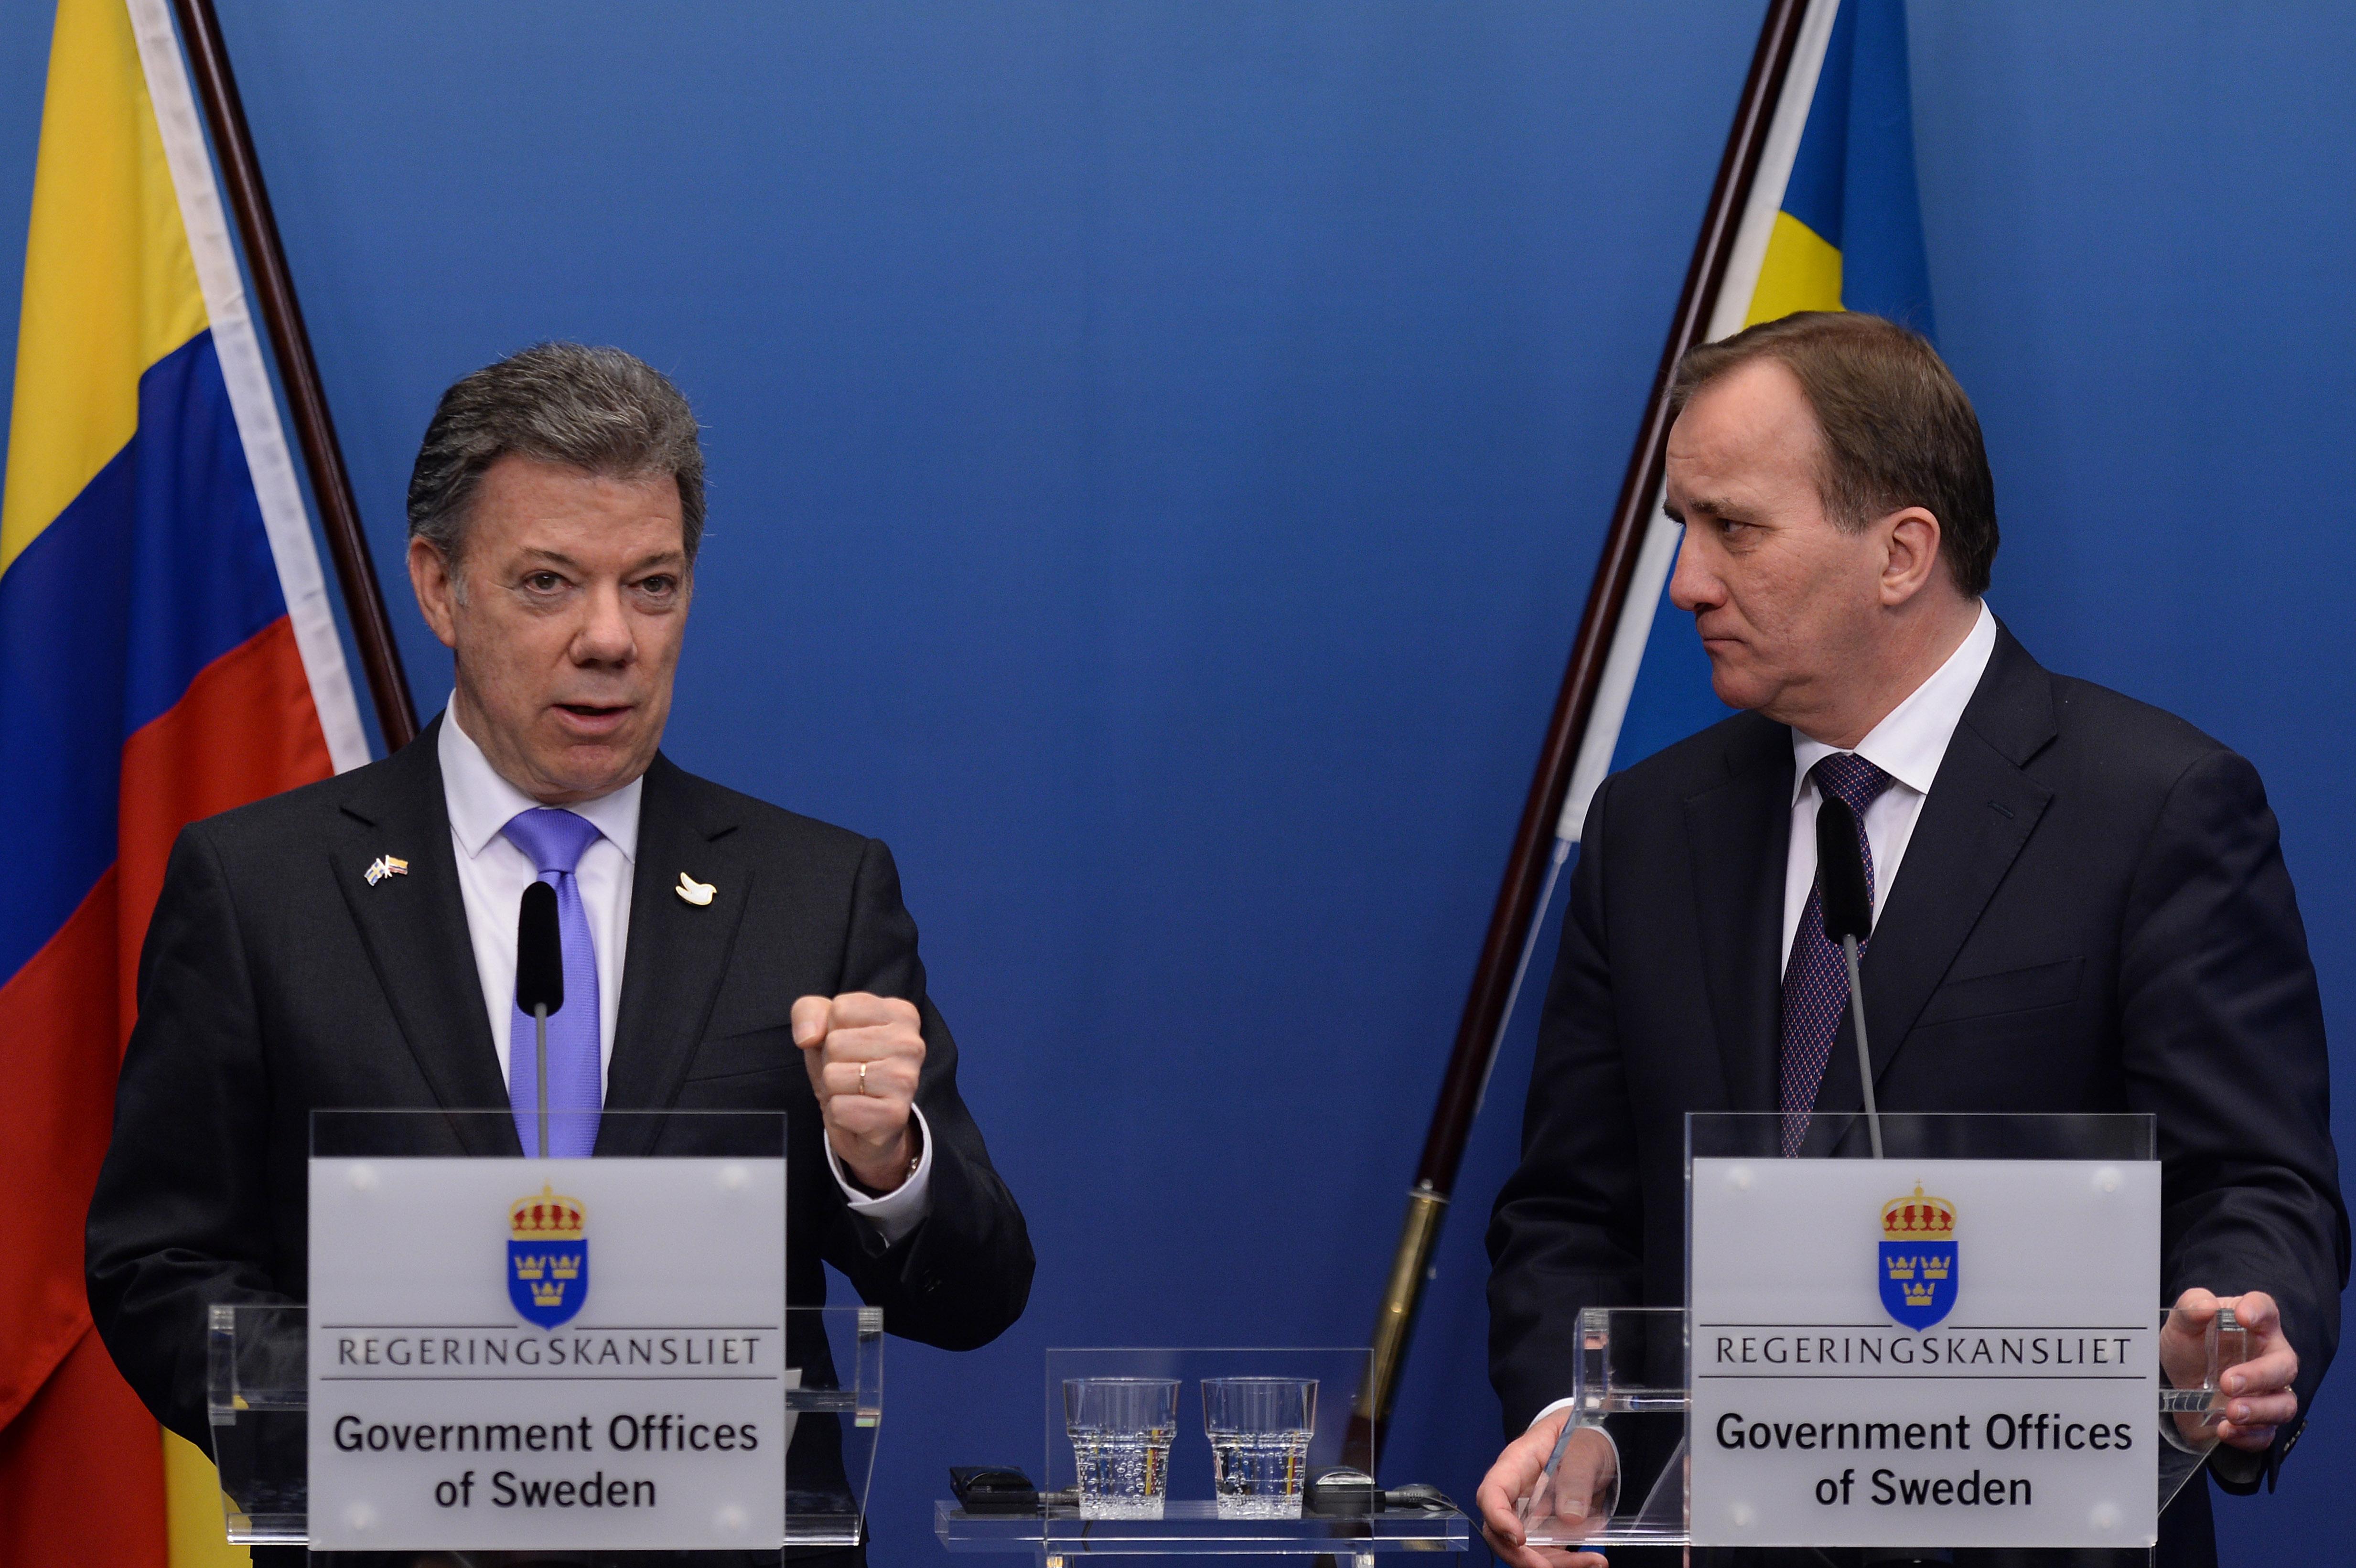 Foto: César Carrión - SIG El Presidente Juan Manuel Santos dijo este lunes en Estocolmo, luego de reunirse con el Primer Ministro sueco Stefen Lofven, que las Farc deben acelerar la negociación para poner fin al conflicto.